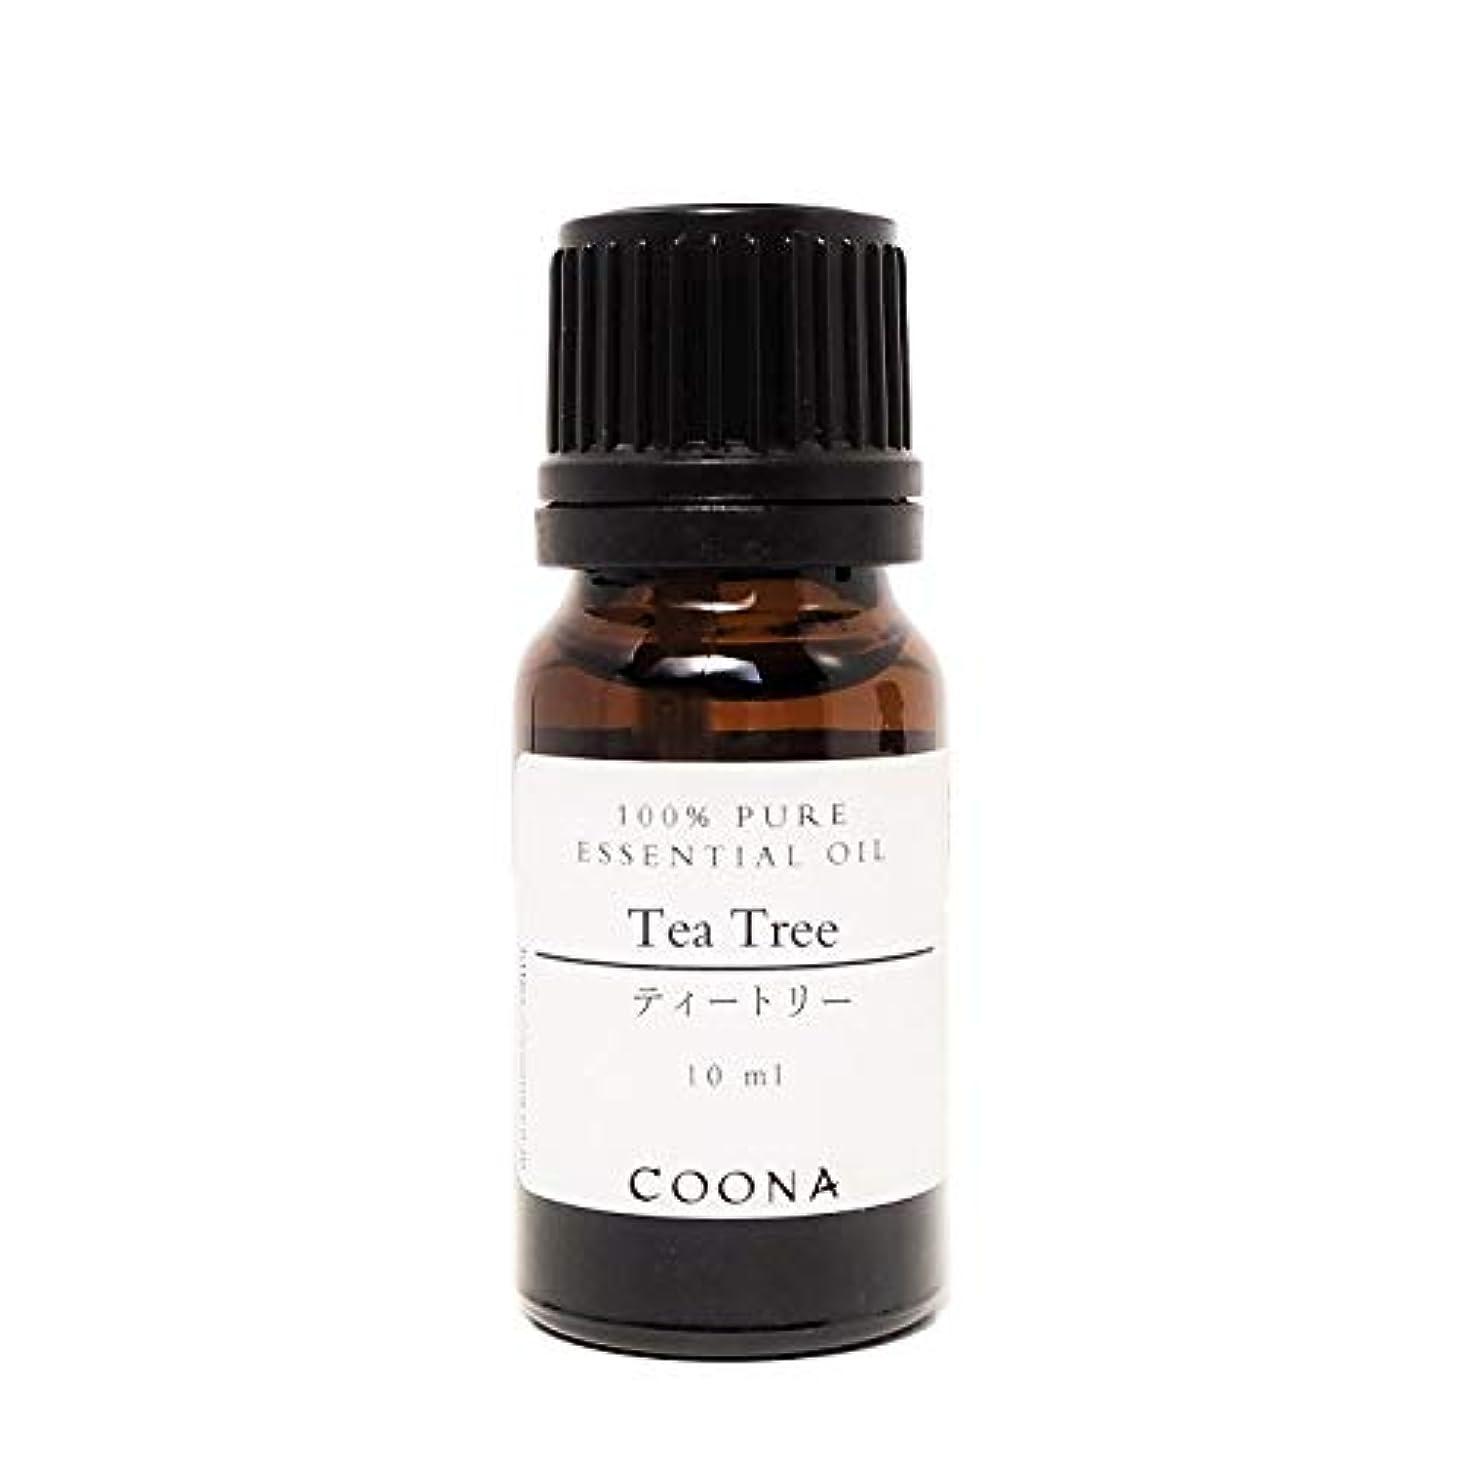 赤字破裂皮肉ティートリー 10 ml (COONA エッセンシャルオイル アロマオイル 100%天然植物精油)